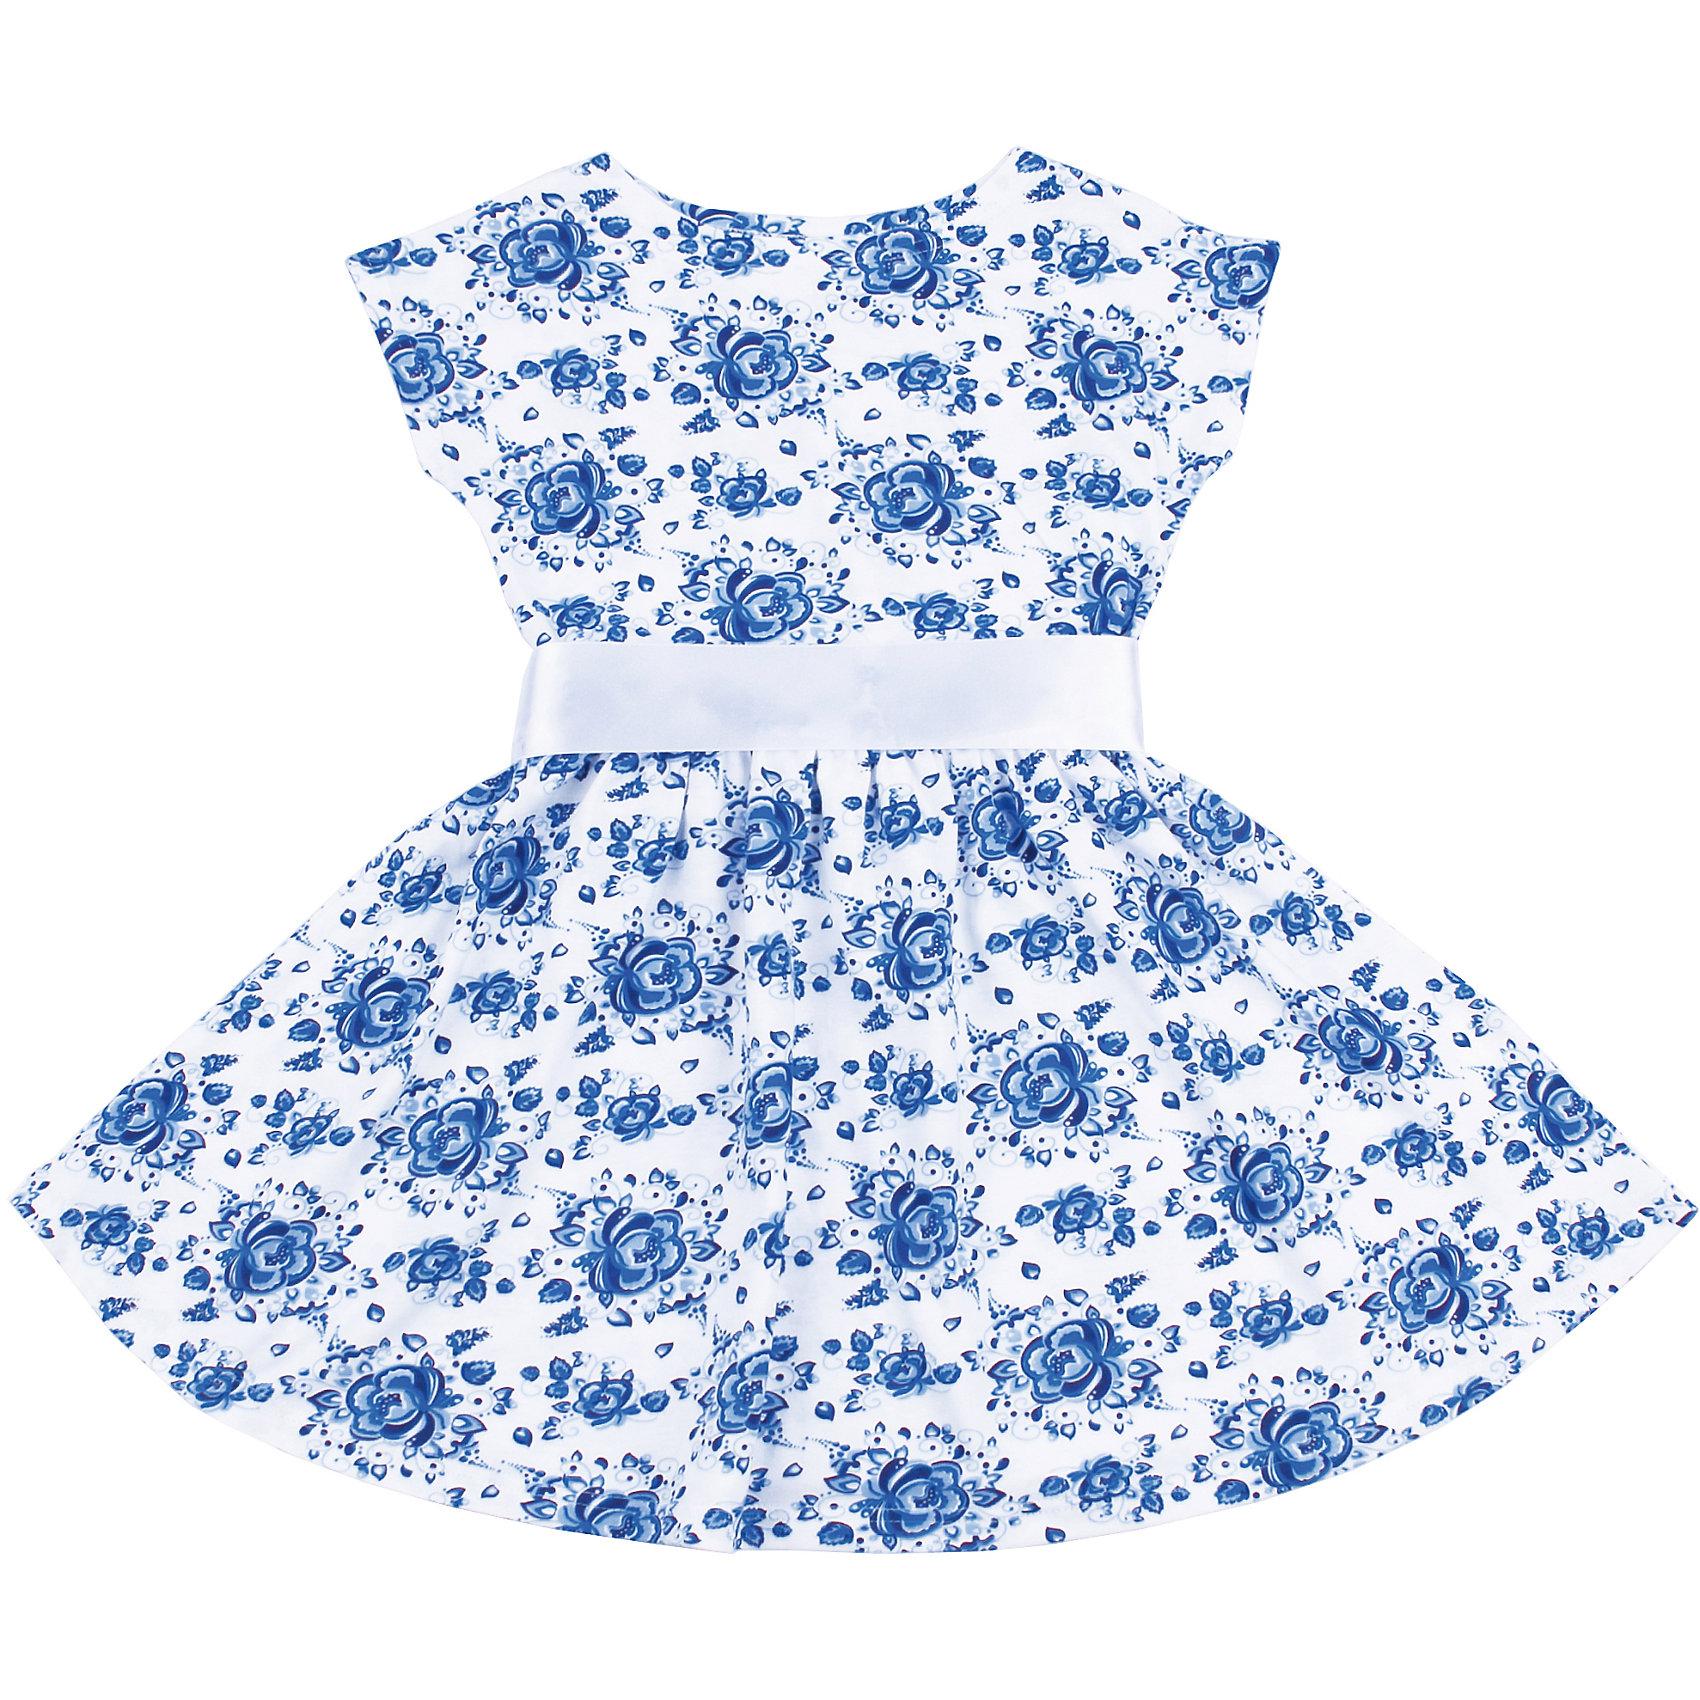 Платье для девочки АпрельПлатья и сарафаны<br>Характеристики товара:<br><br>• цвет: белый<br>• состав: 100% хлопок<br>• приталенный силуэт<br>• короткие рукава <br>• принт<br>• комфортная посадка<br>• страна производитель: Российская Федерация<br>• страна бренда: Российская Федерация<br><br>Это симпатичное платье - удобная и универсальная вещь, которая поможет разнообразить гардероб ребенка. Она комфортно ощущается на теле, хорошо садится по детской фигуре. Изделие отлично сочетается с различной обувью. Материал состоит из хлопка, который не вызывает аллергии и позволяет коже дышать.<br><br>Платье для девочки от известного бренда Апрель можно купить в нашем интернет-магазине.<br><br>Ширина мм: 236<br>Глубина мм: 16<br>Высота мм: 184<br>Вес г: 177<br>Цвет: голубой<br>Возраст от месяцев: 24<br>Возраст до месяцев: 36<br>Пол: Женский<br>Возраст: Детский<br>Размер: 98,104,110,116,122,128,134,140<br>SKU: 5439462